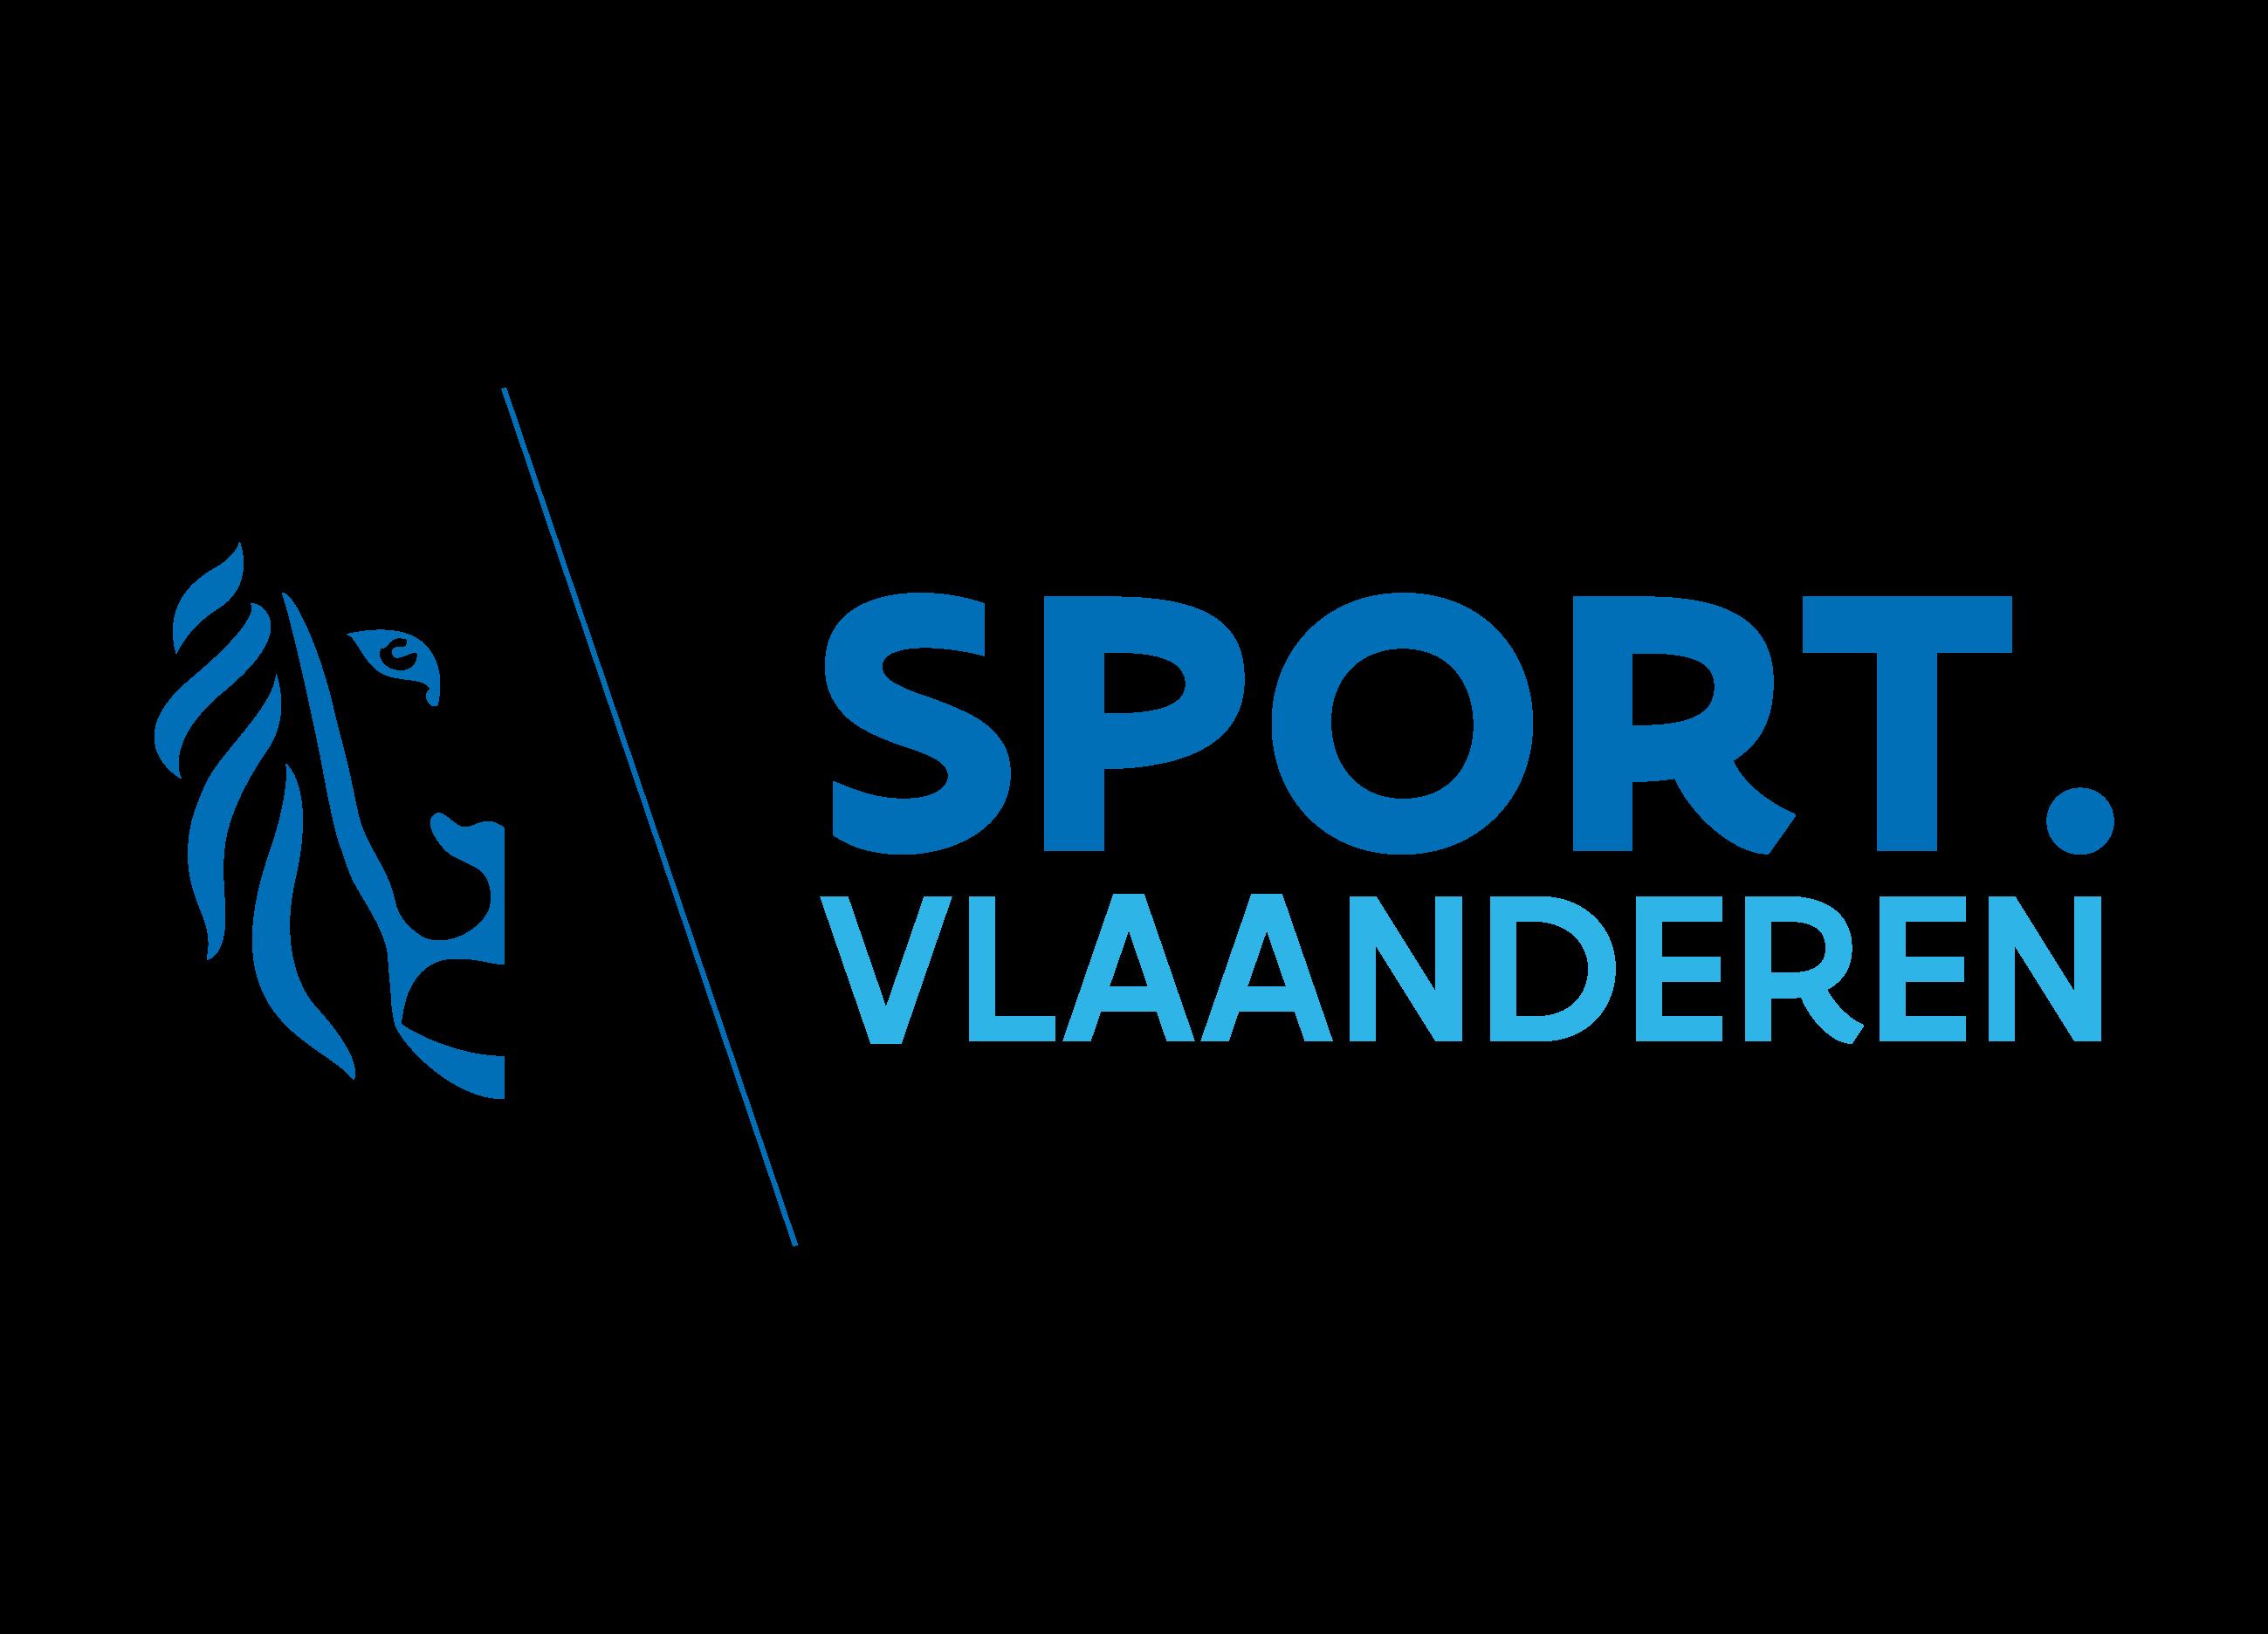 logosportvlaanderen partner